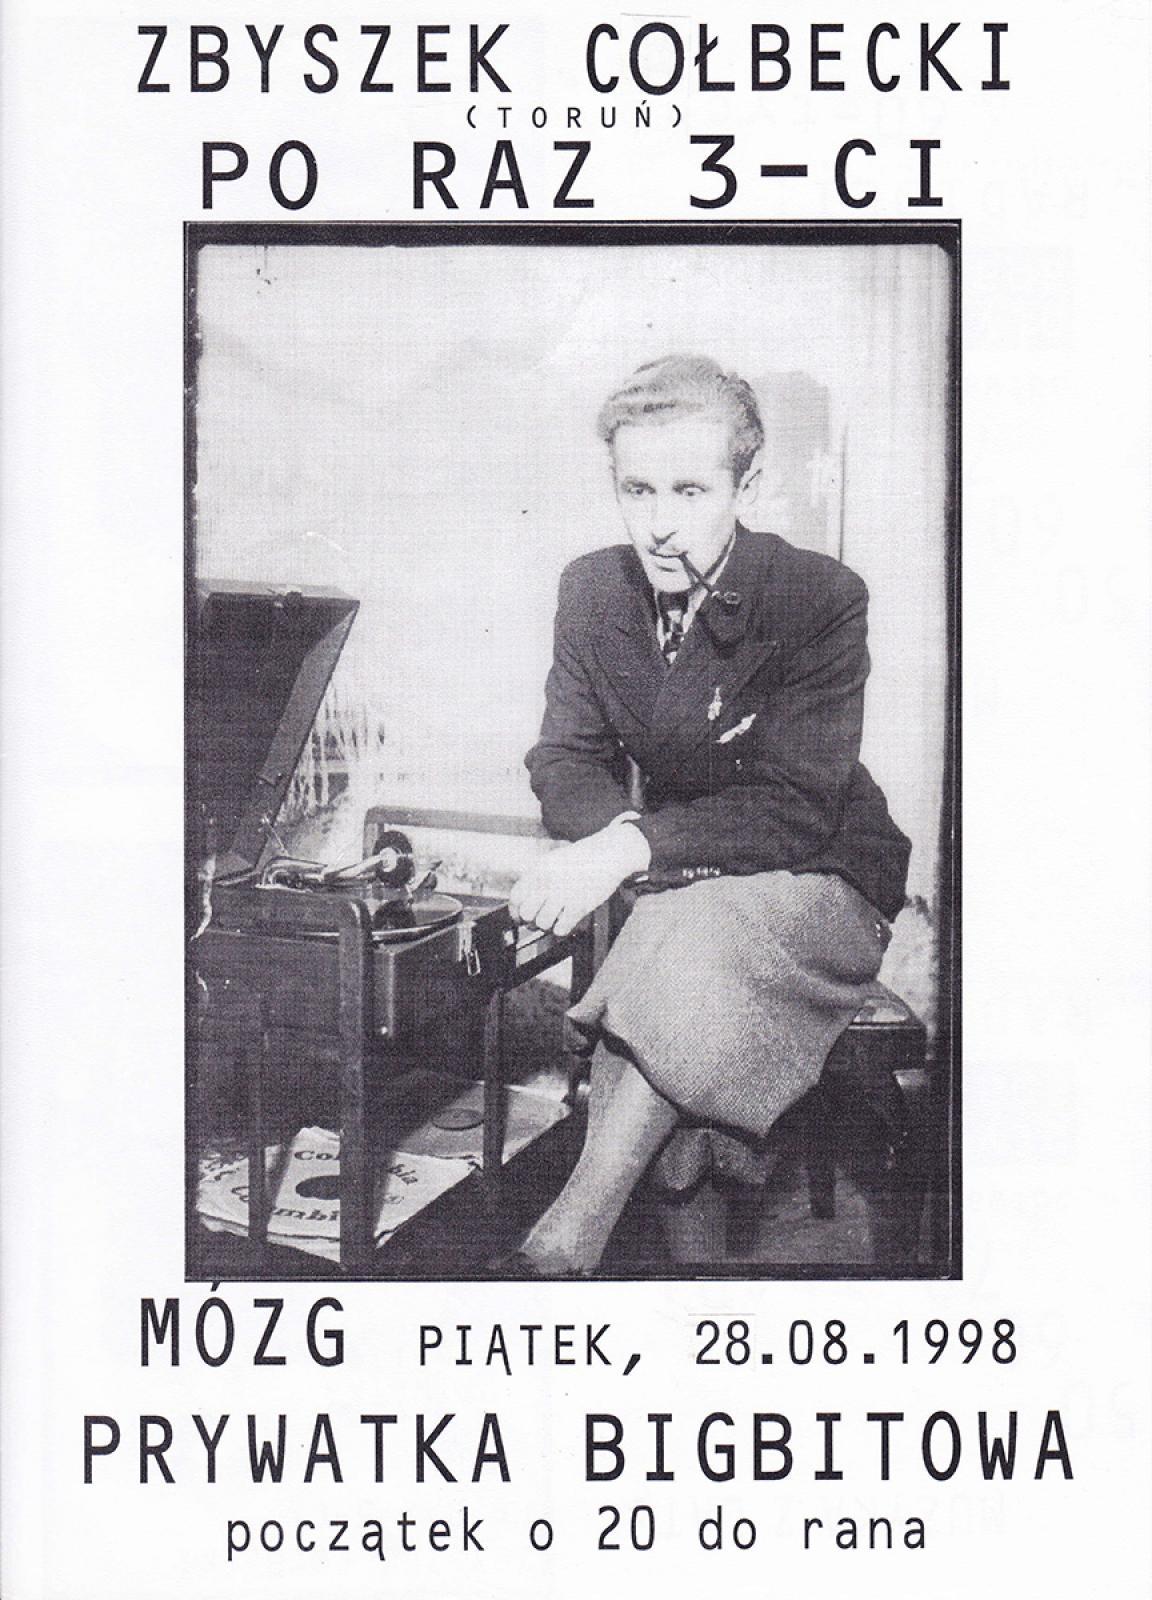 Zbyszek Cołbecki - prywatka bigbitowa